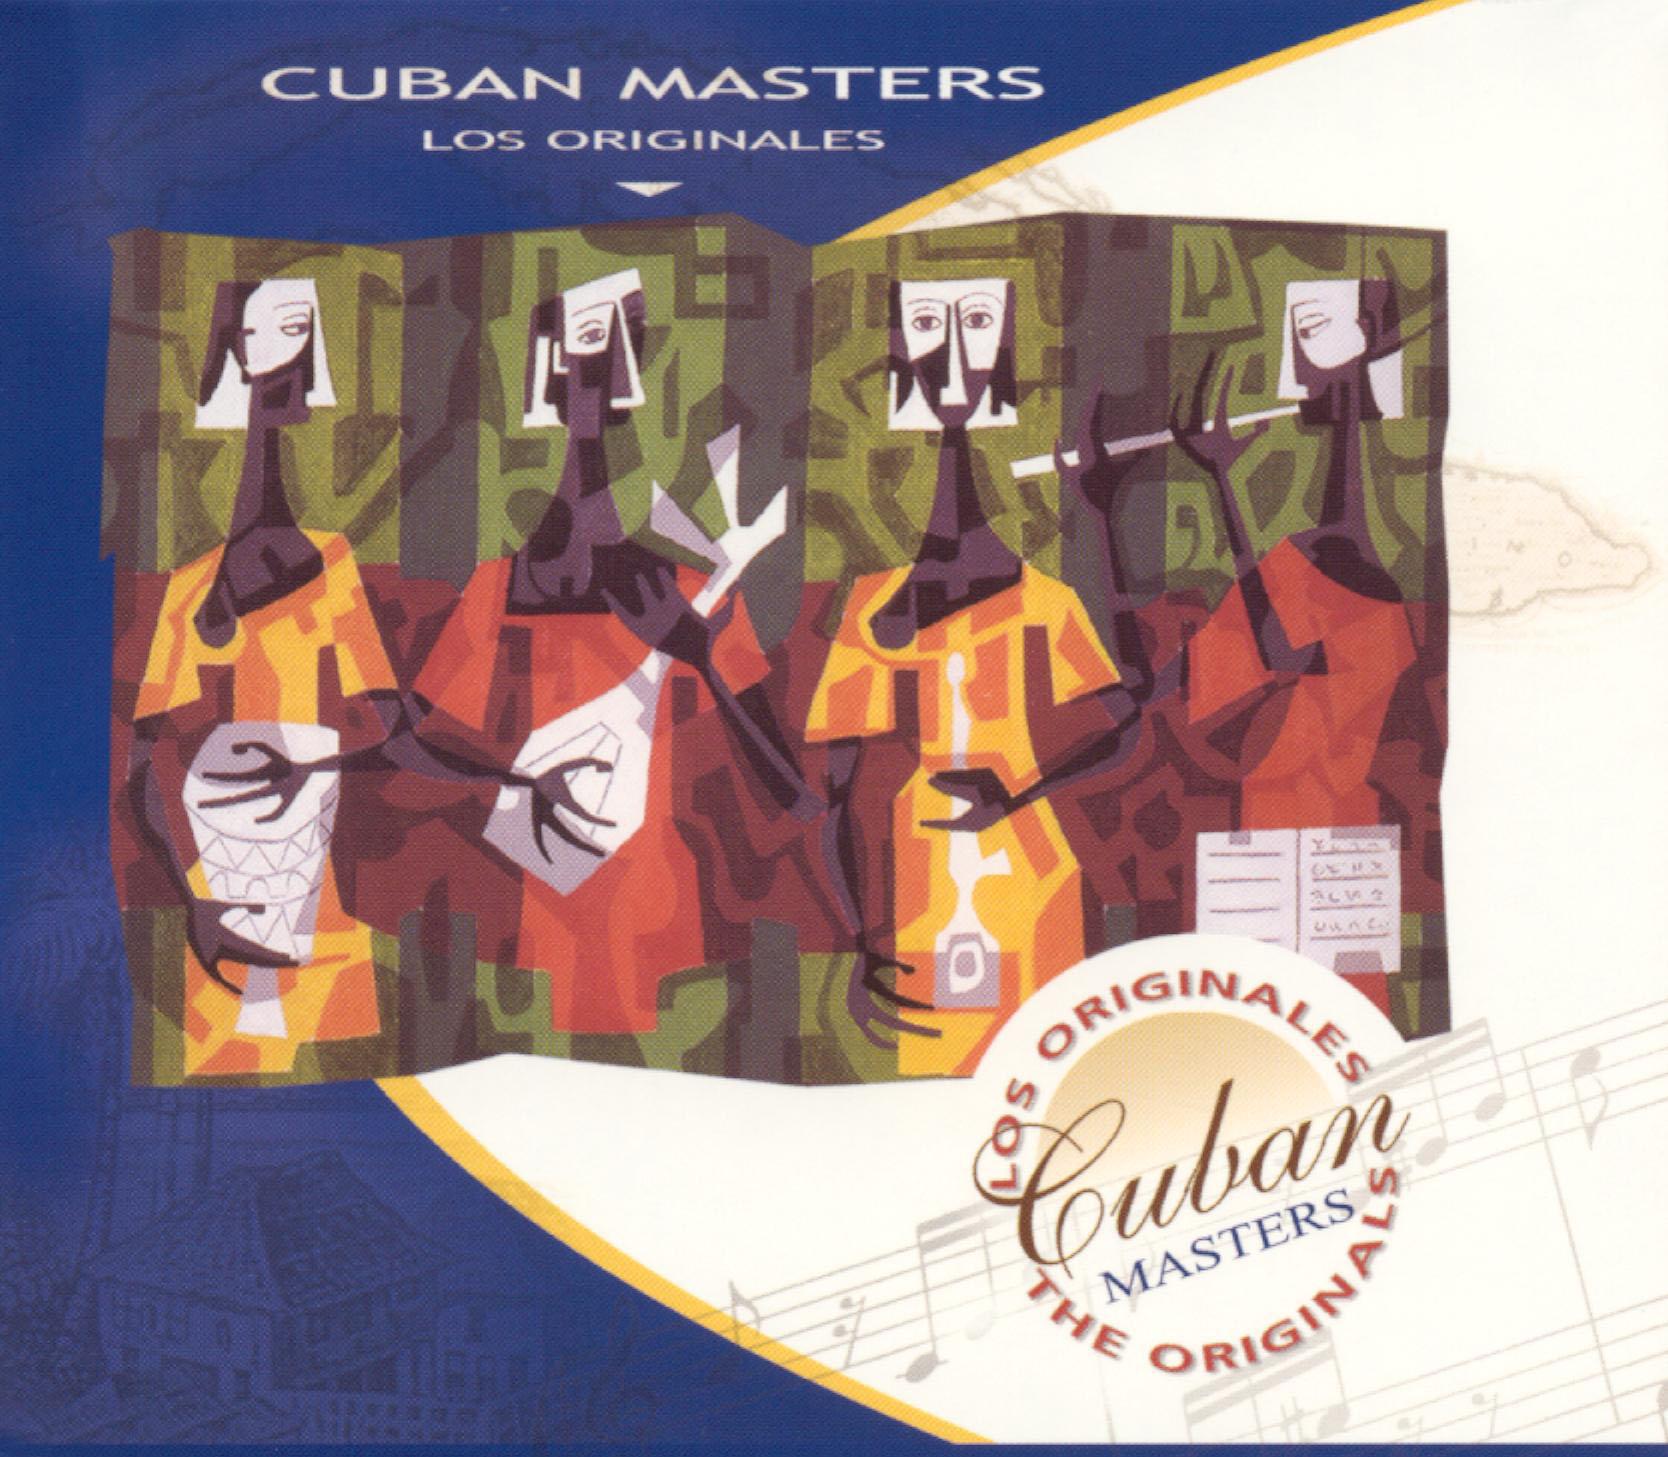 Cuban Masters: Los Originales